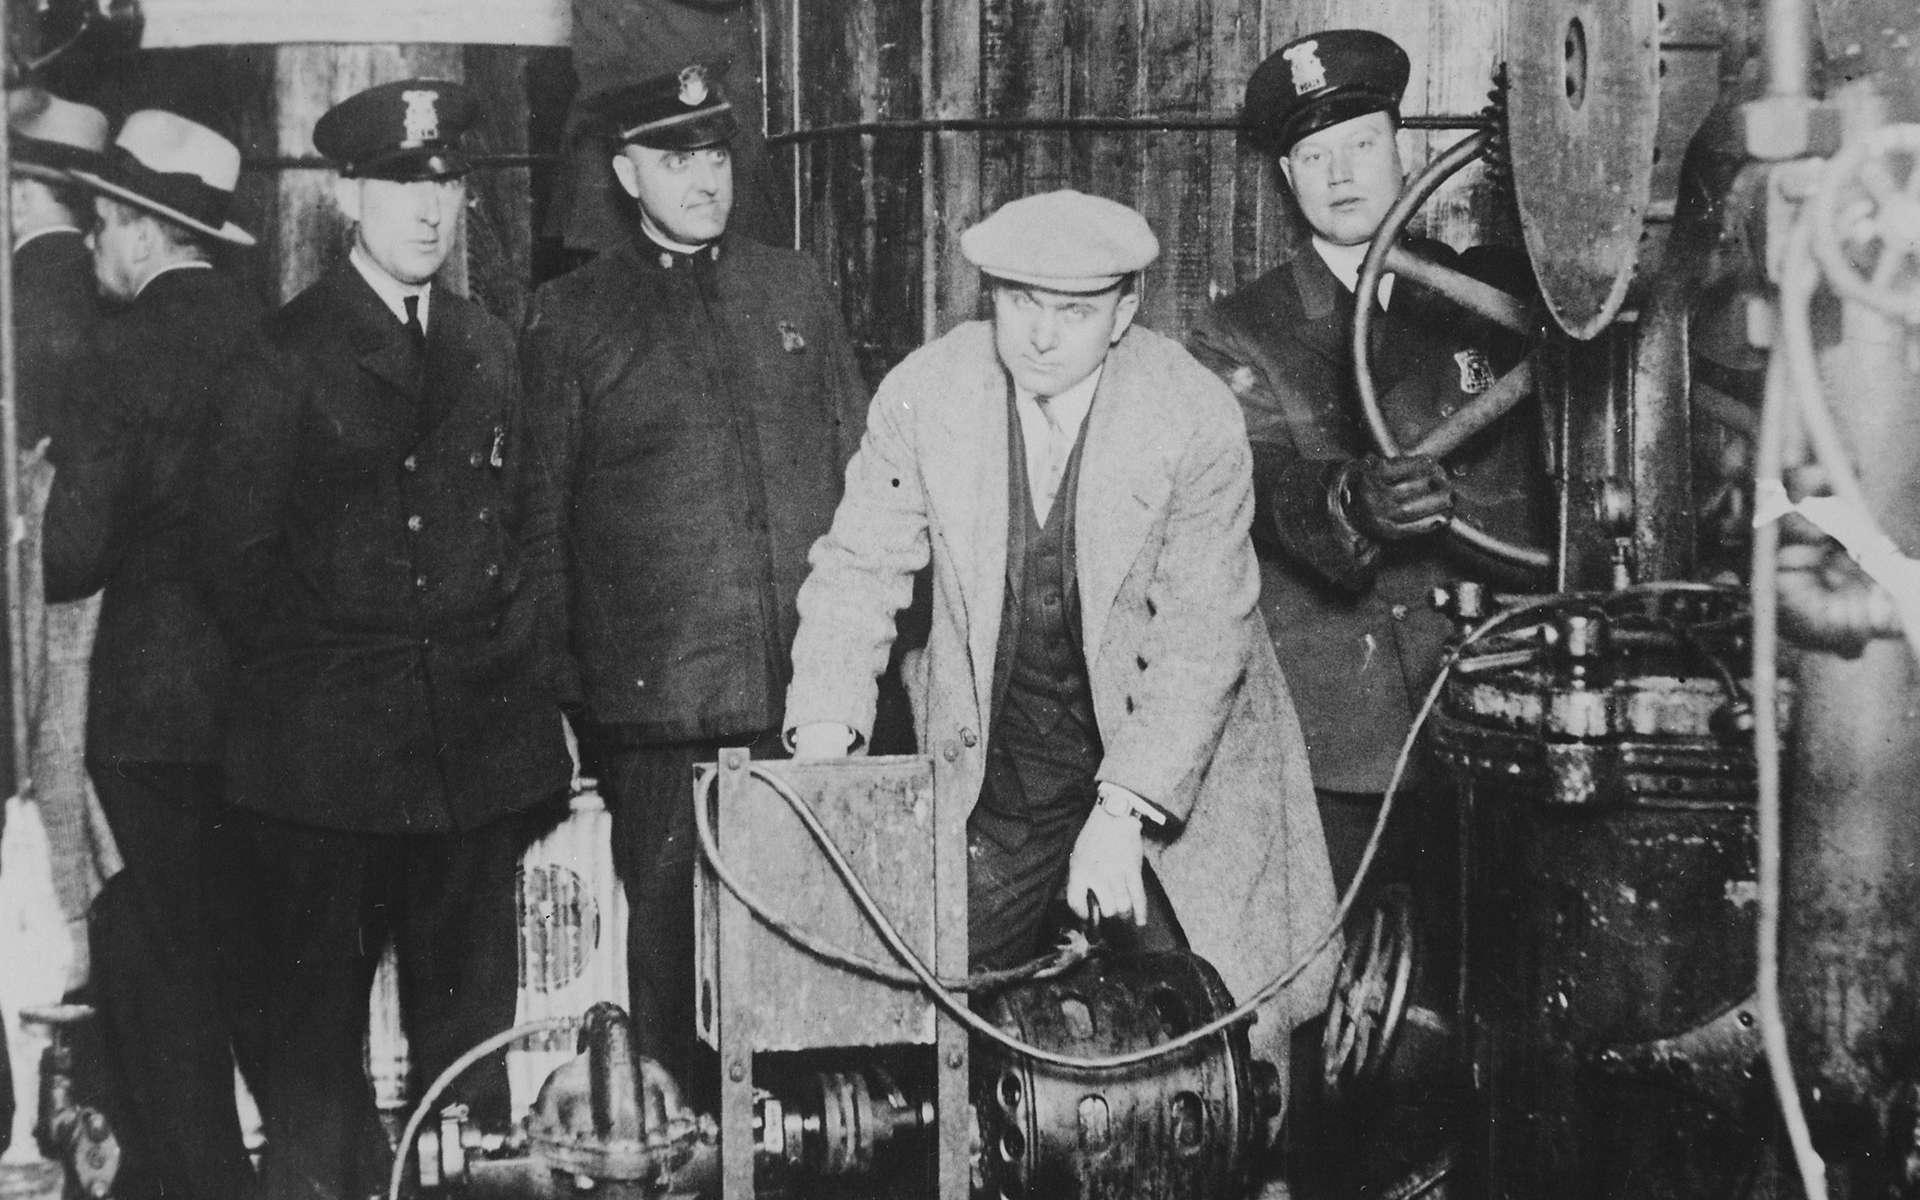 Descente de police pendant la prohibition aux États-Unis. Le marché de contrebande s'est grandement développé à cette période. © Wikimedia Commons, DP